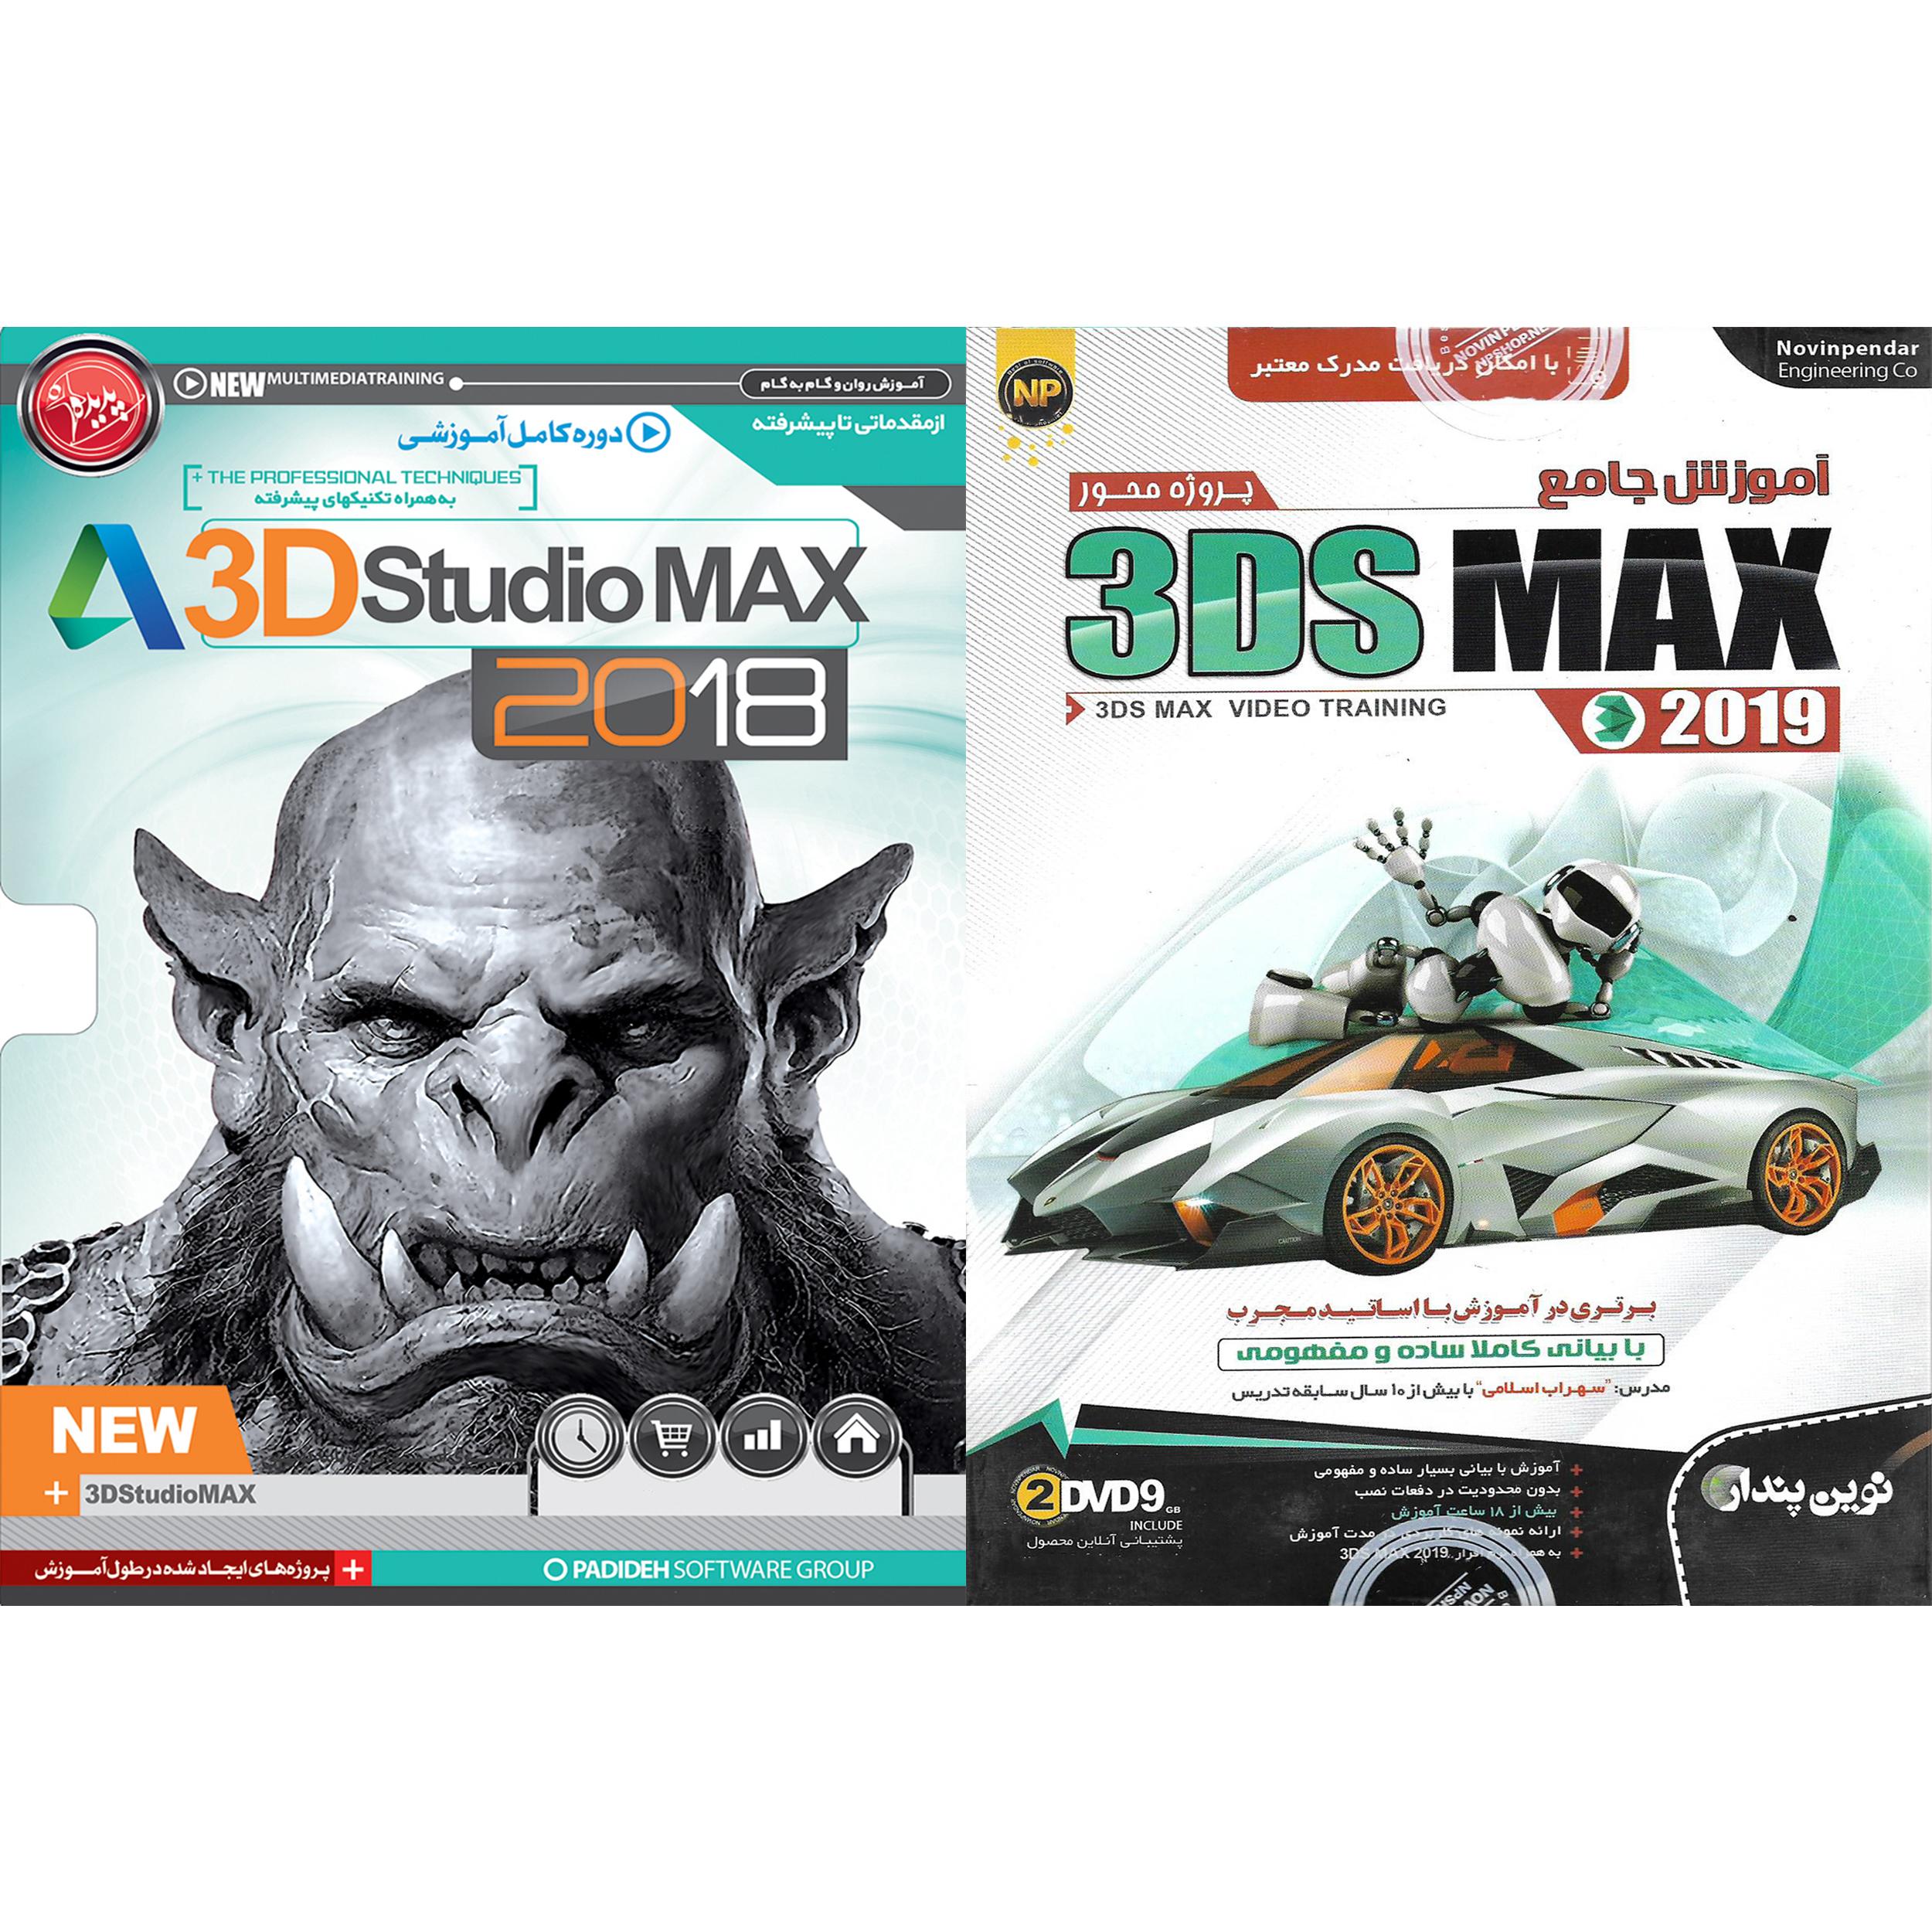 نرم افزار آموزش پروژه محور 3DS MAX 2019 نشر نوین پندار به همراه نرم افزار آموزش 3D STUDIO MAX 2018 نشر پدیده